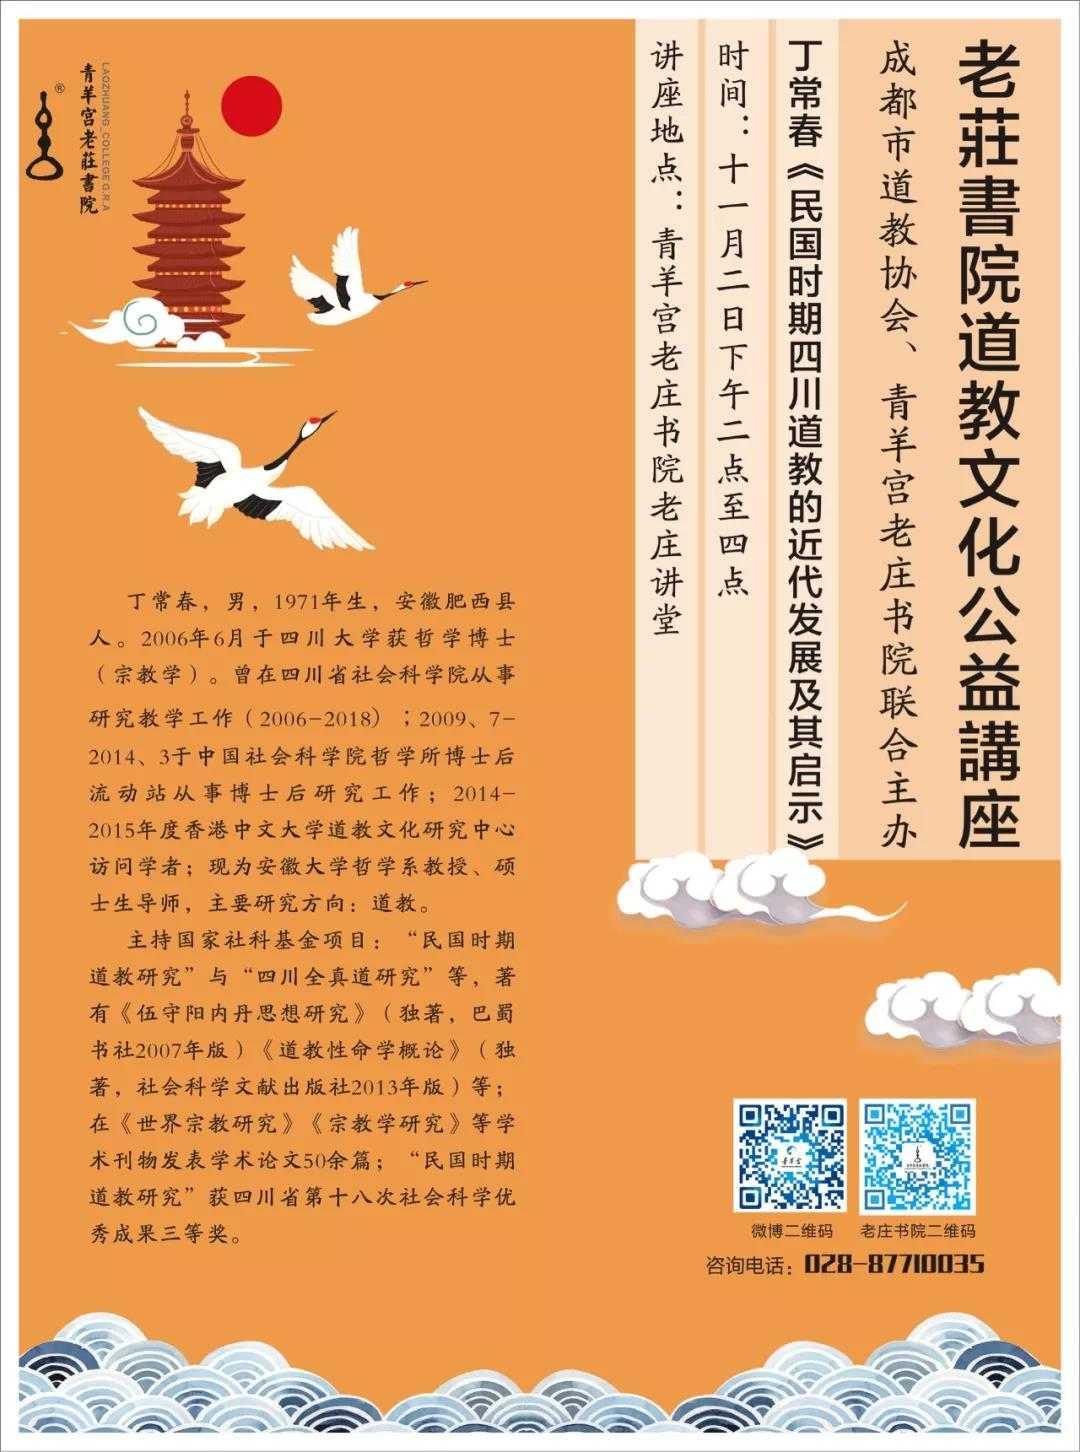 讲座预告:民国时期四川道教的近代发展及其启示